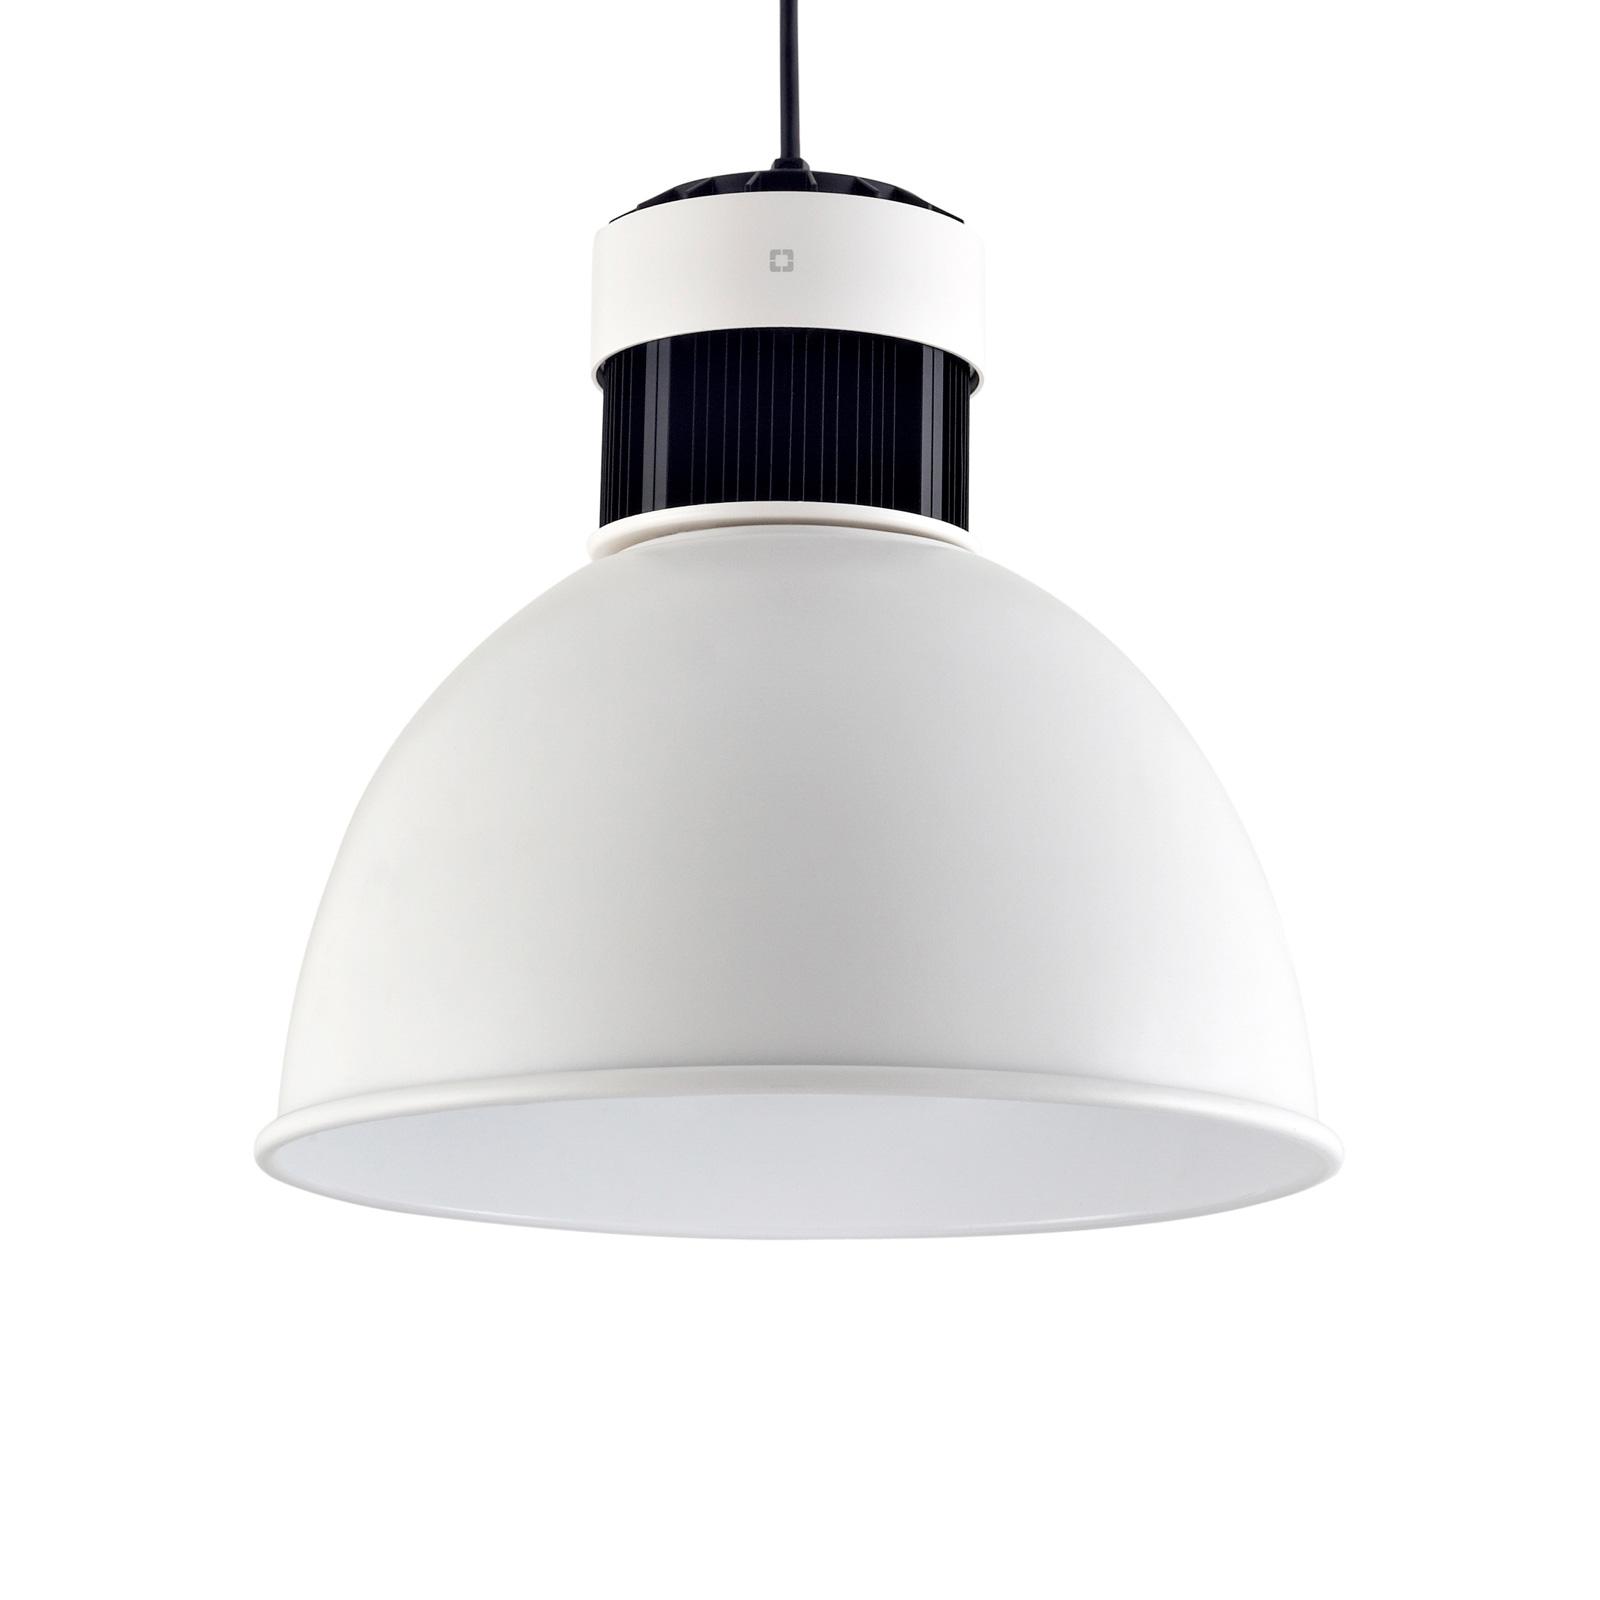 LEDS-C4 Pek lampa wisząca LED